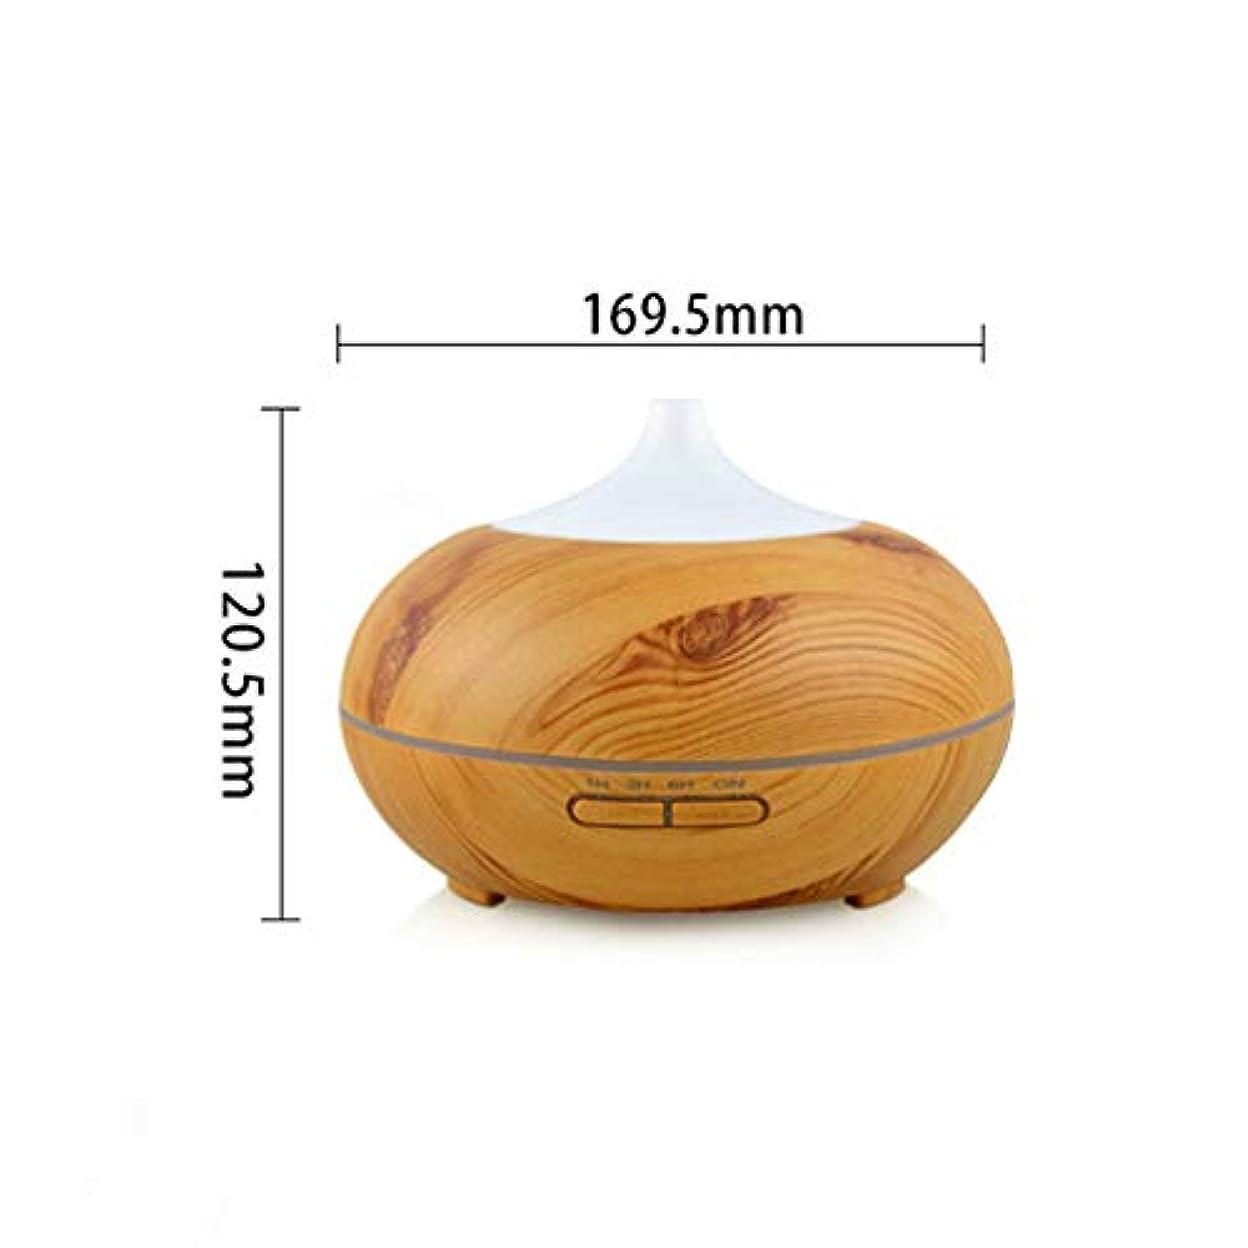 嫉妬ドナー即席木目 涼しい霧 加湿器,7 色 空気を浄化 加湿機 時間 手動 Wifiアプリコントロール 精油 ディフューザー アロマネブライザー Yoga- 300ml